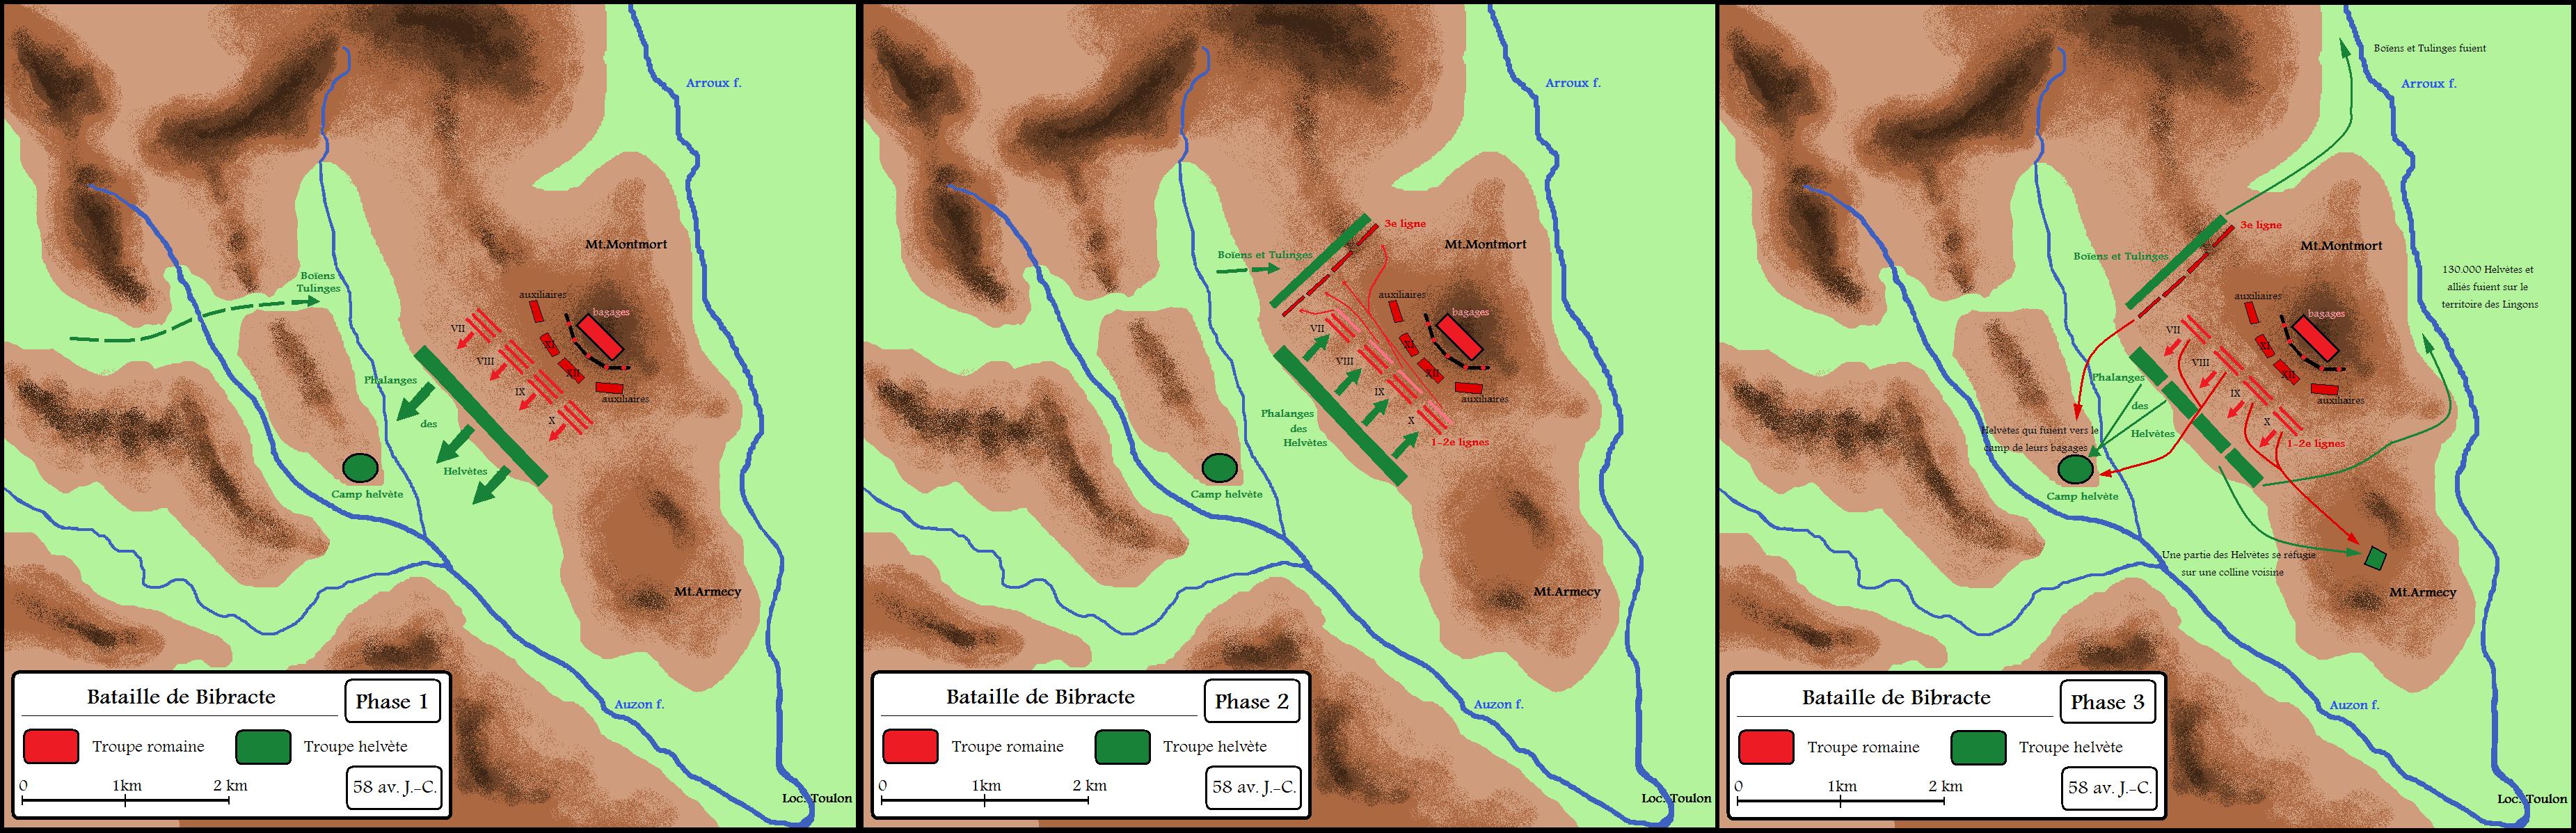 Plan bitwy pod Bibrakte w 58 roku p.n.e.